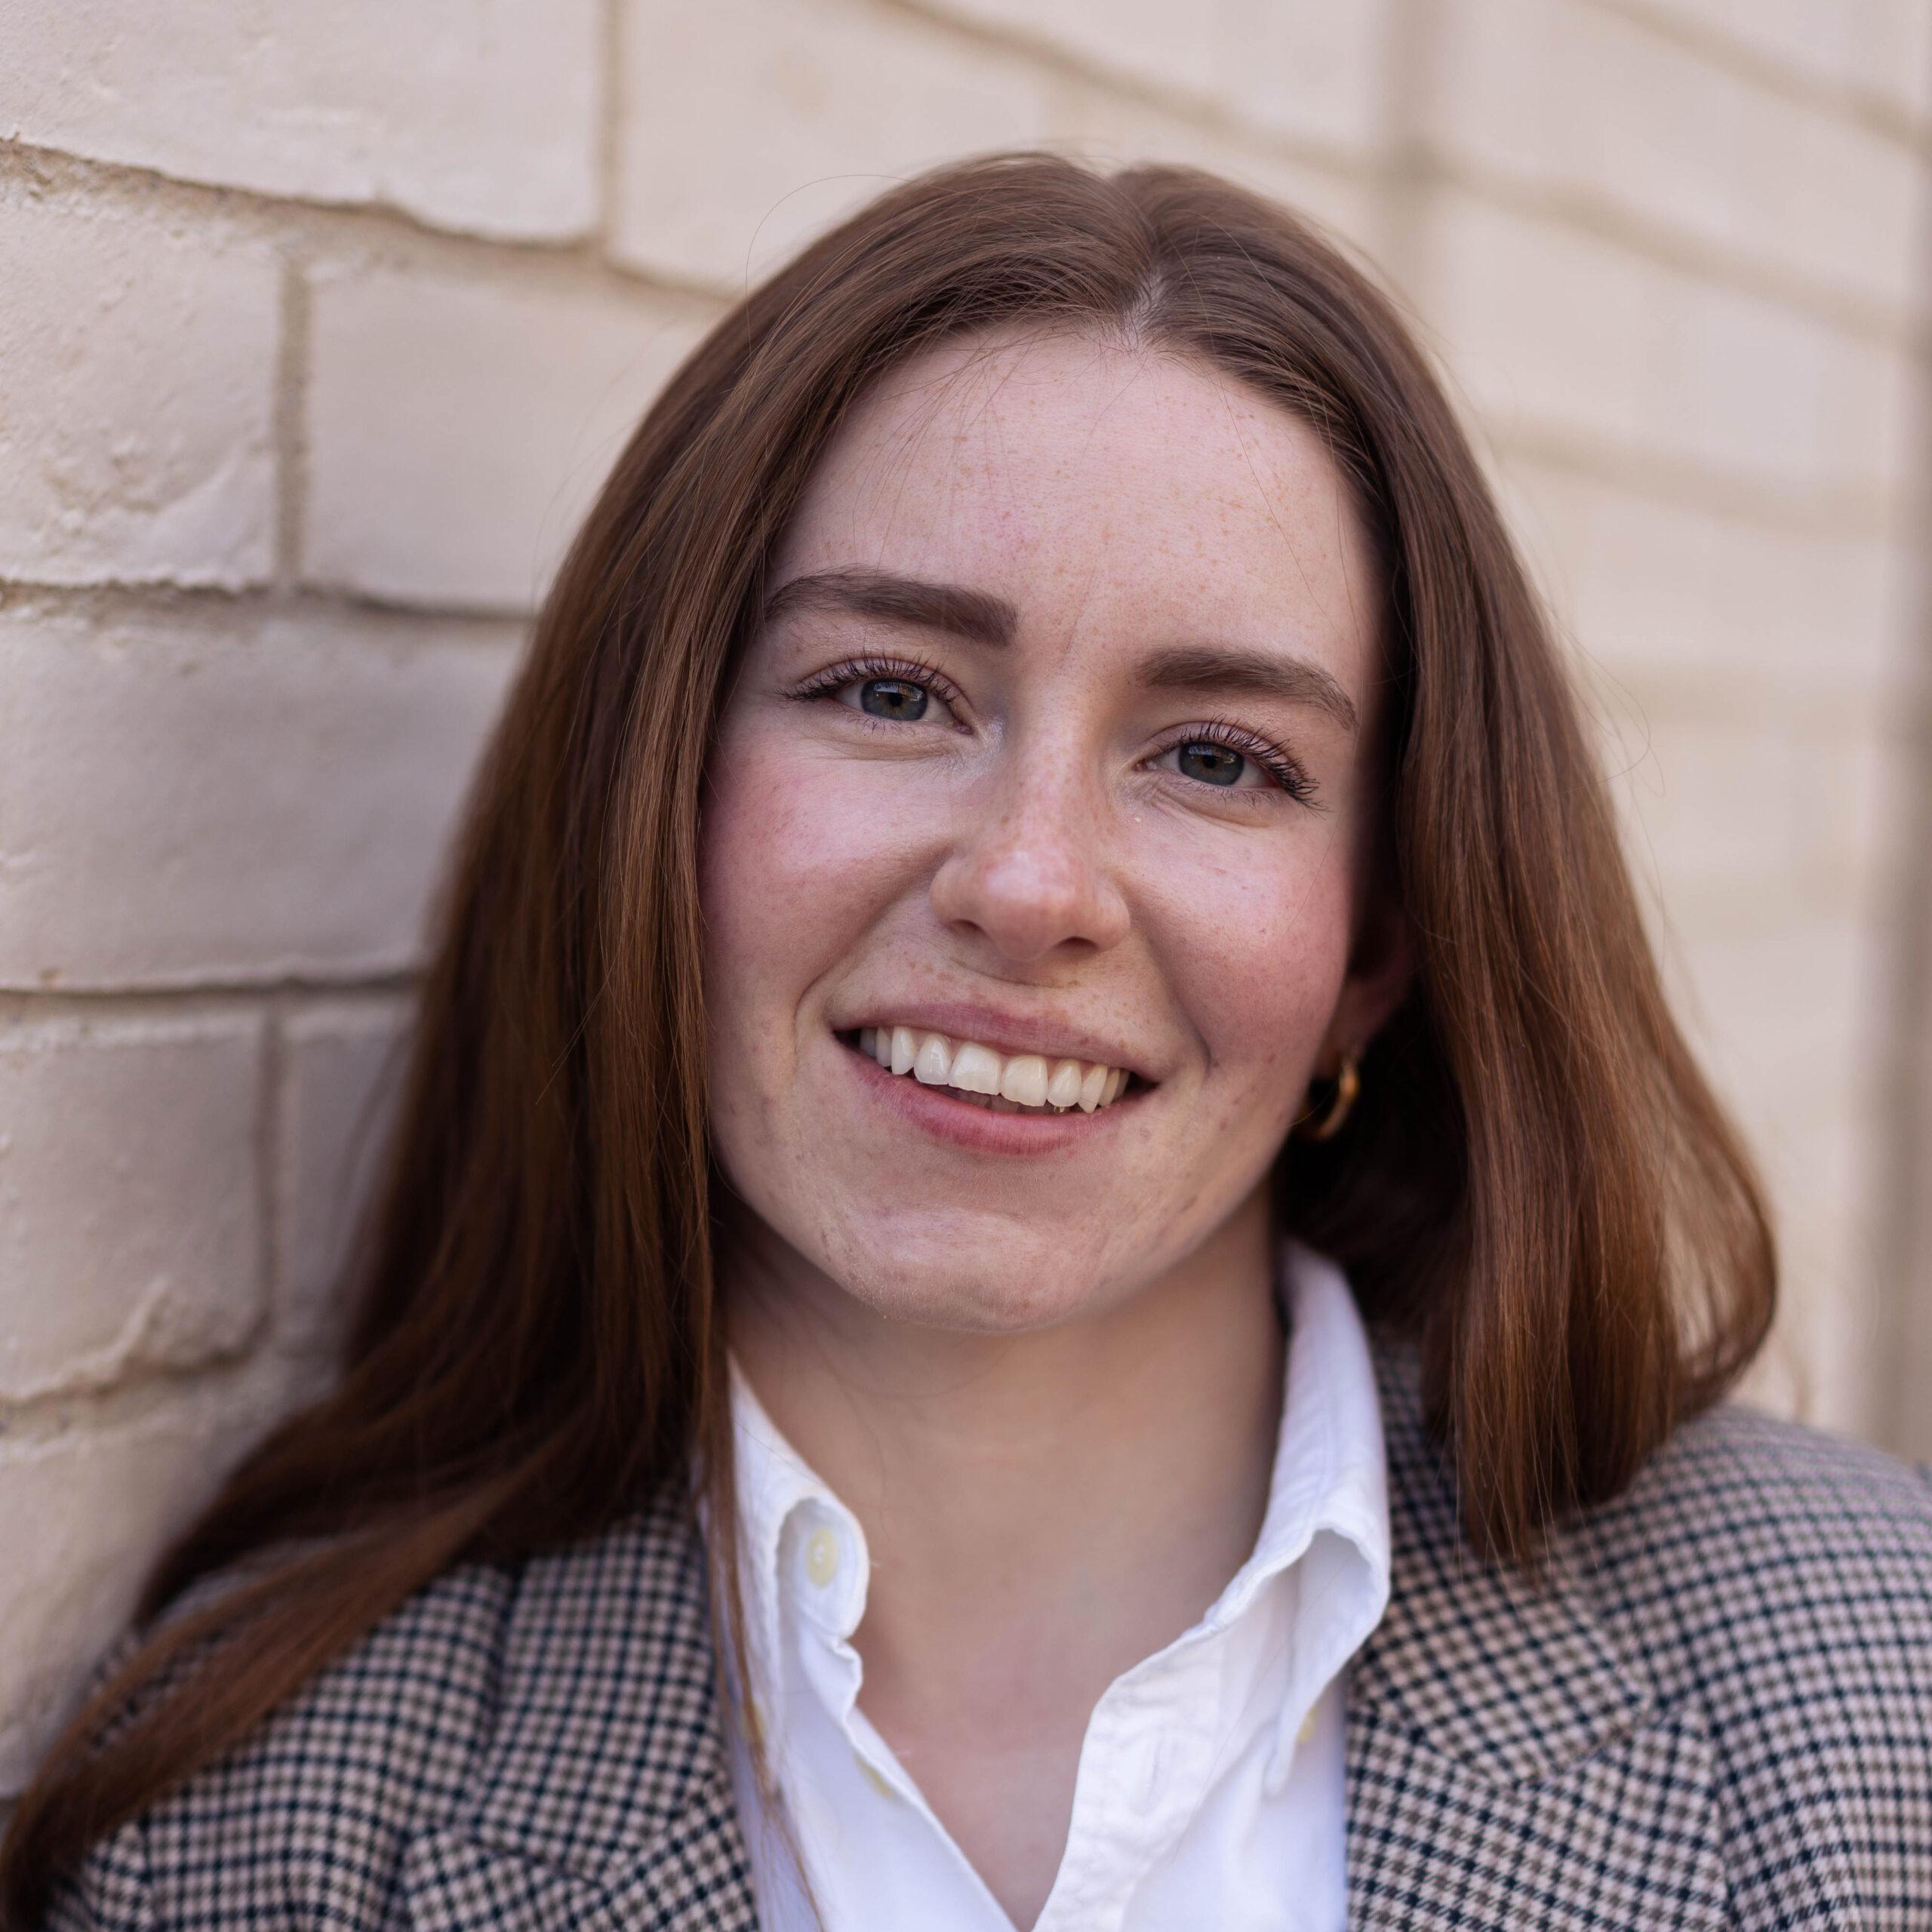 Sophie Dieken